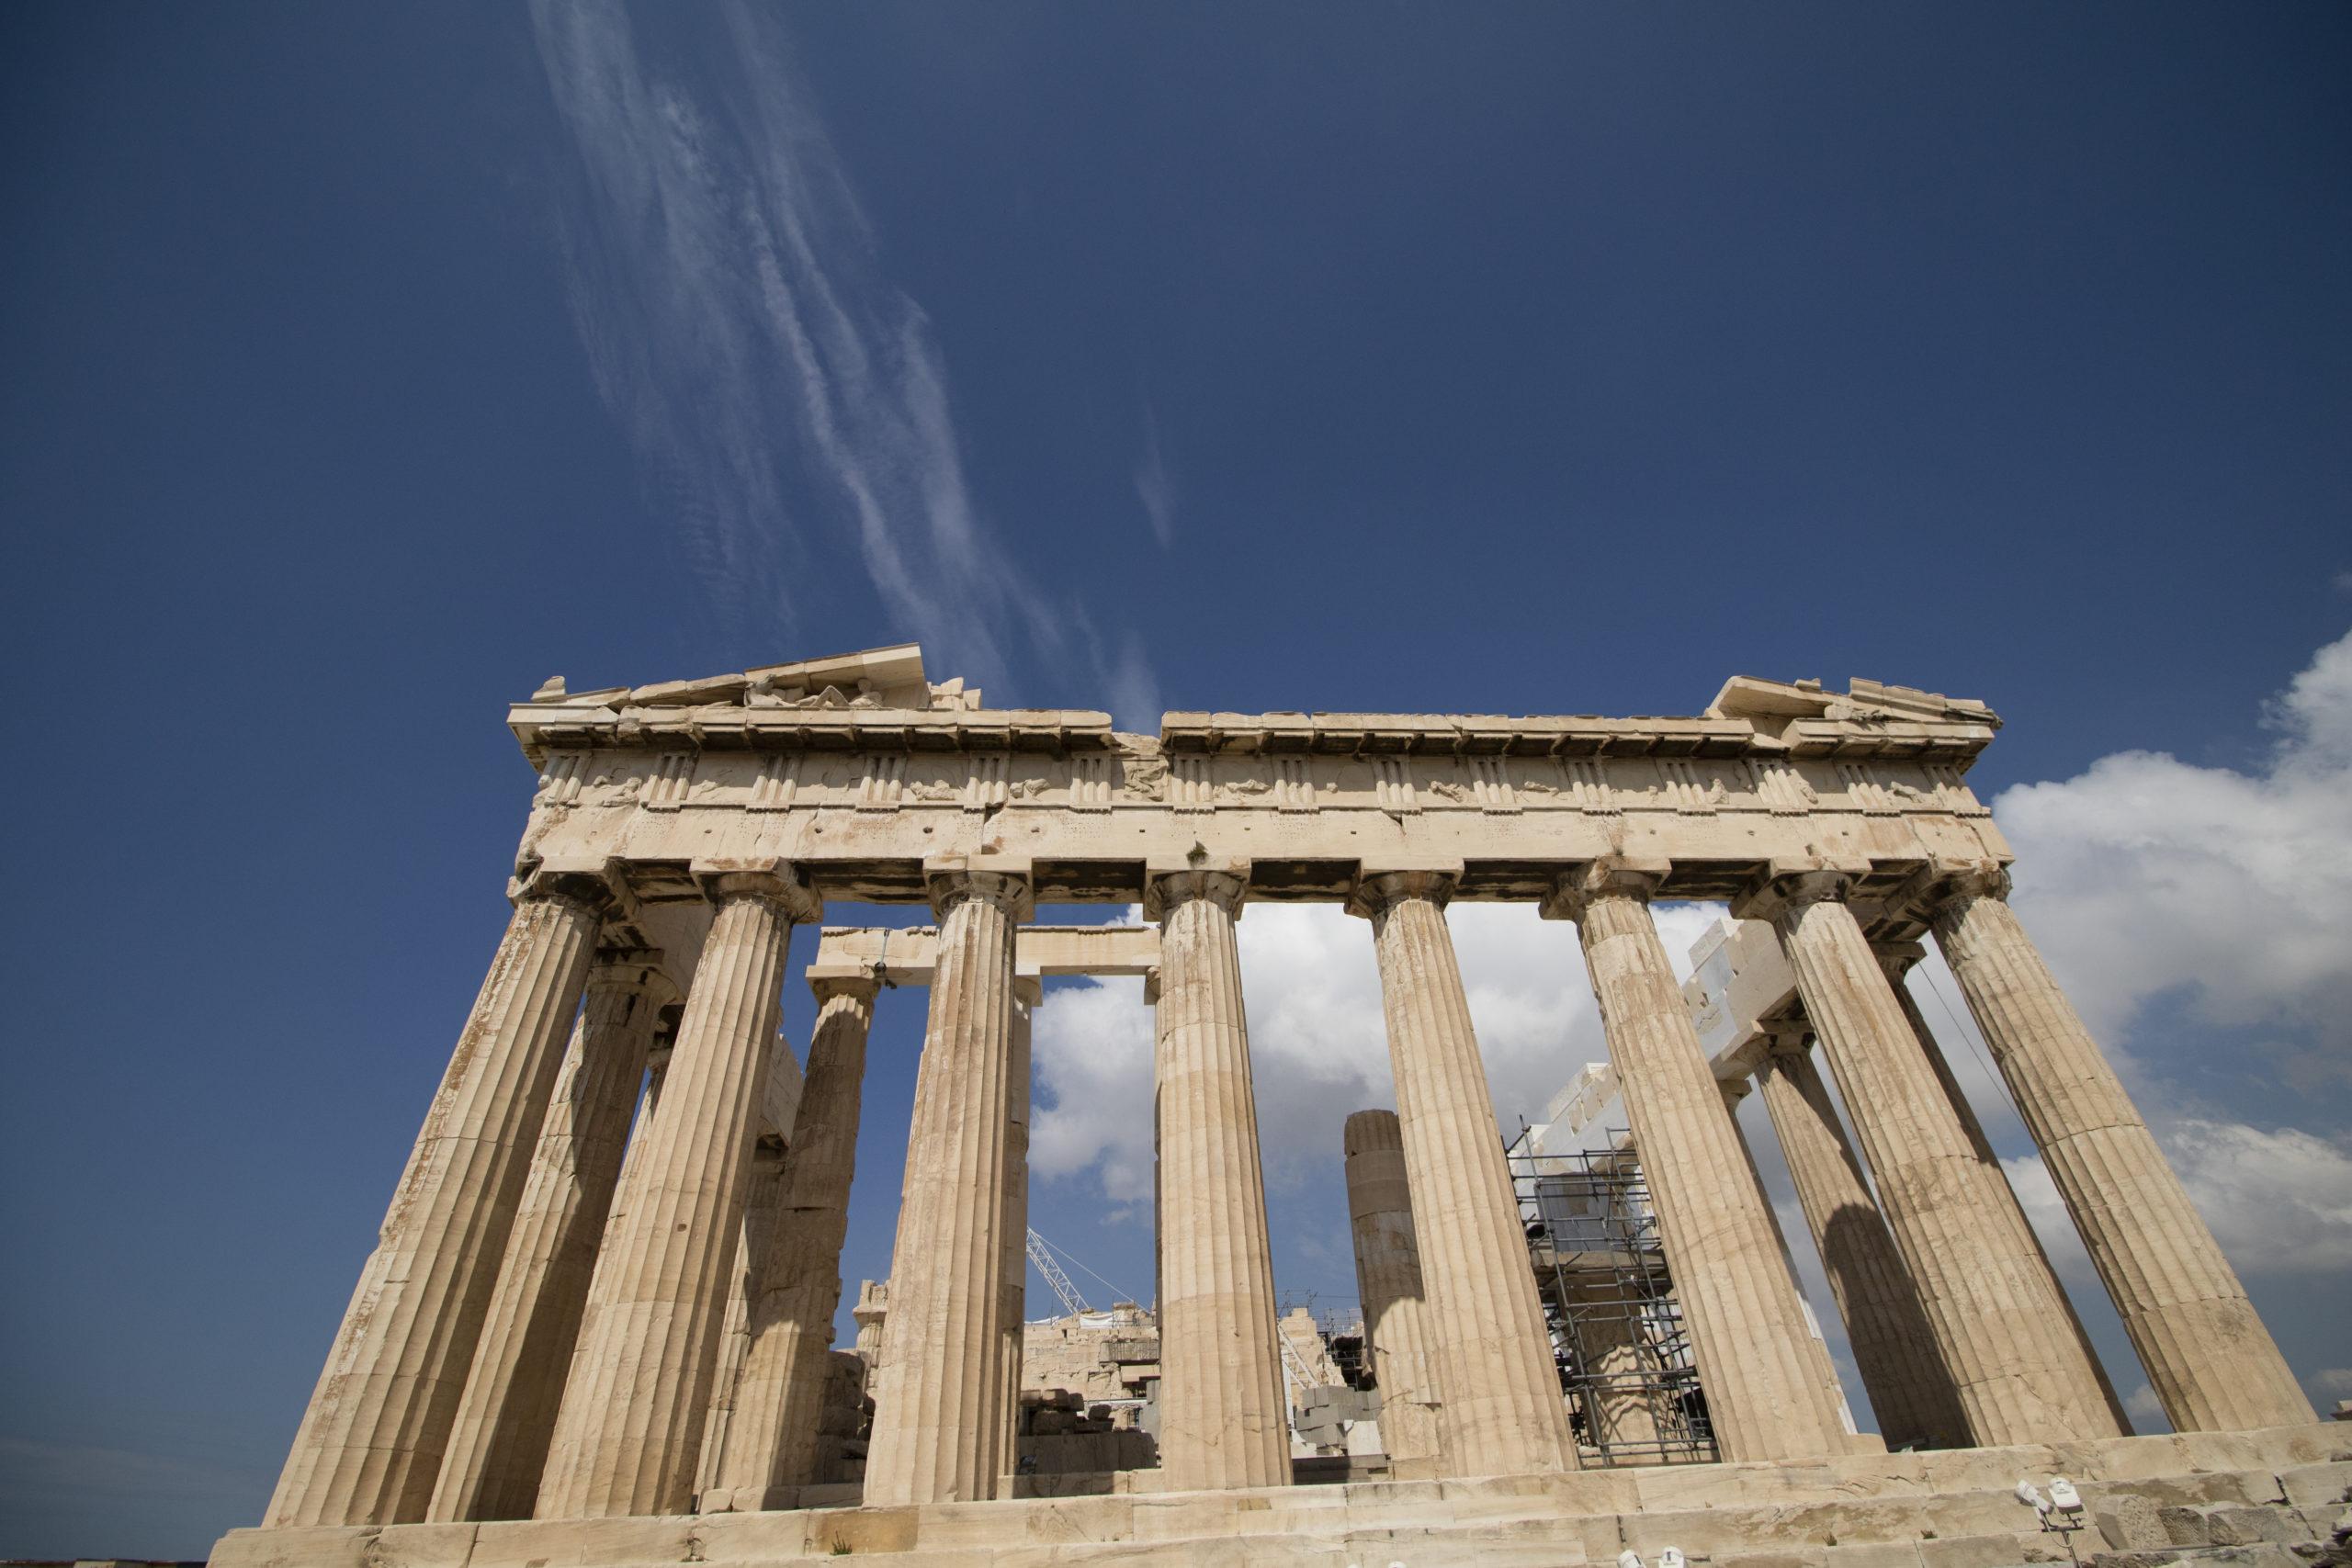 ギリシャ アテネ パルテノン神殿 2015年6月撮影